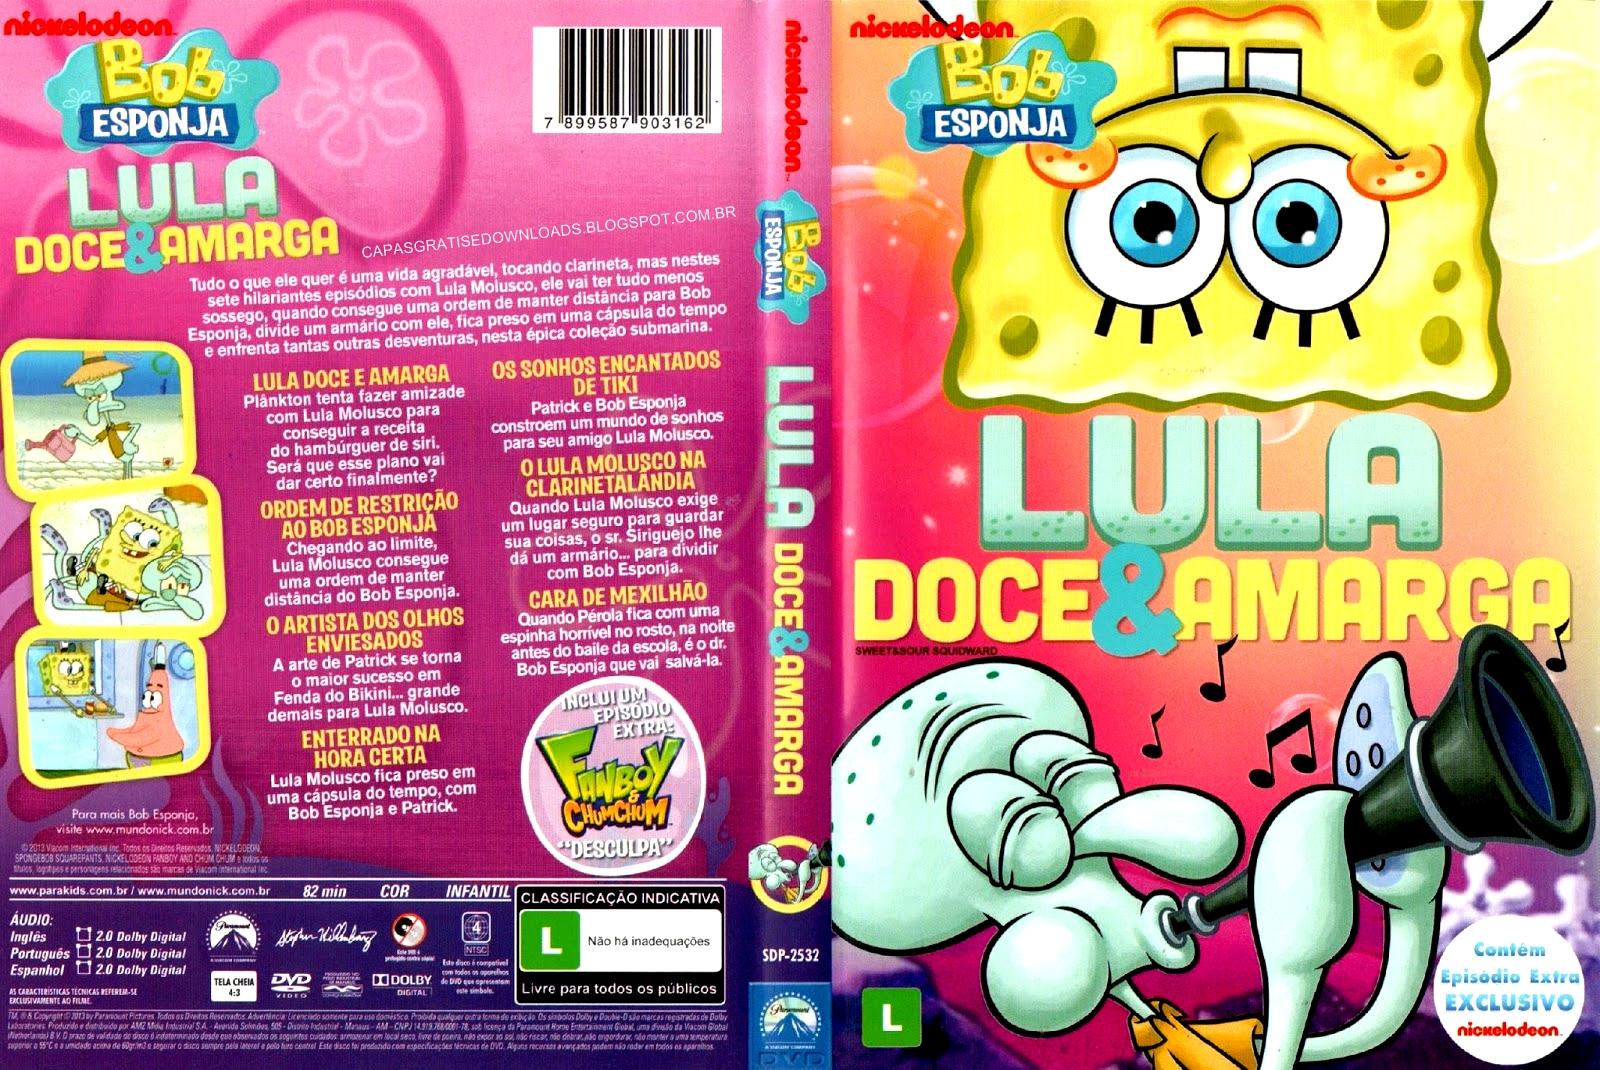 Bob Esponja: Lula Doce e Amarga DVD Capa e Download Dublado + DVD-R